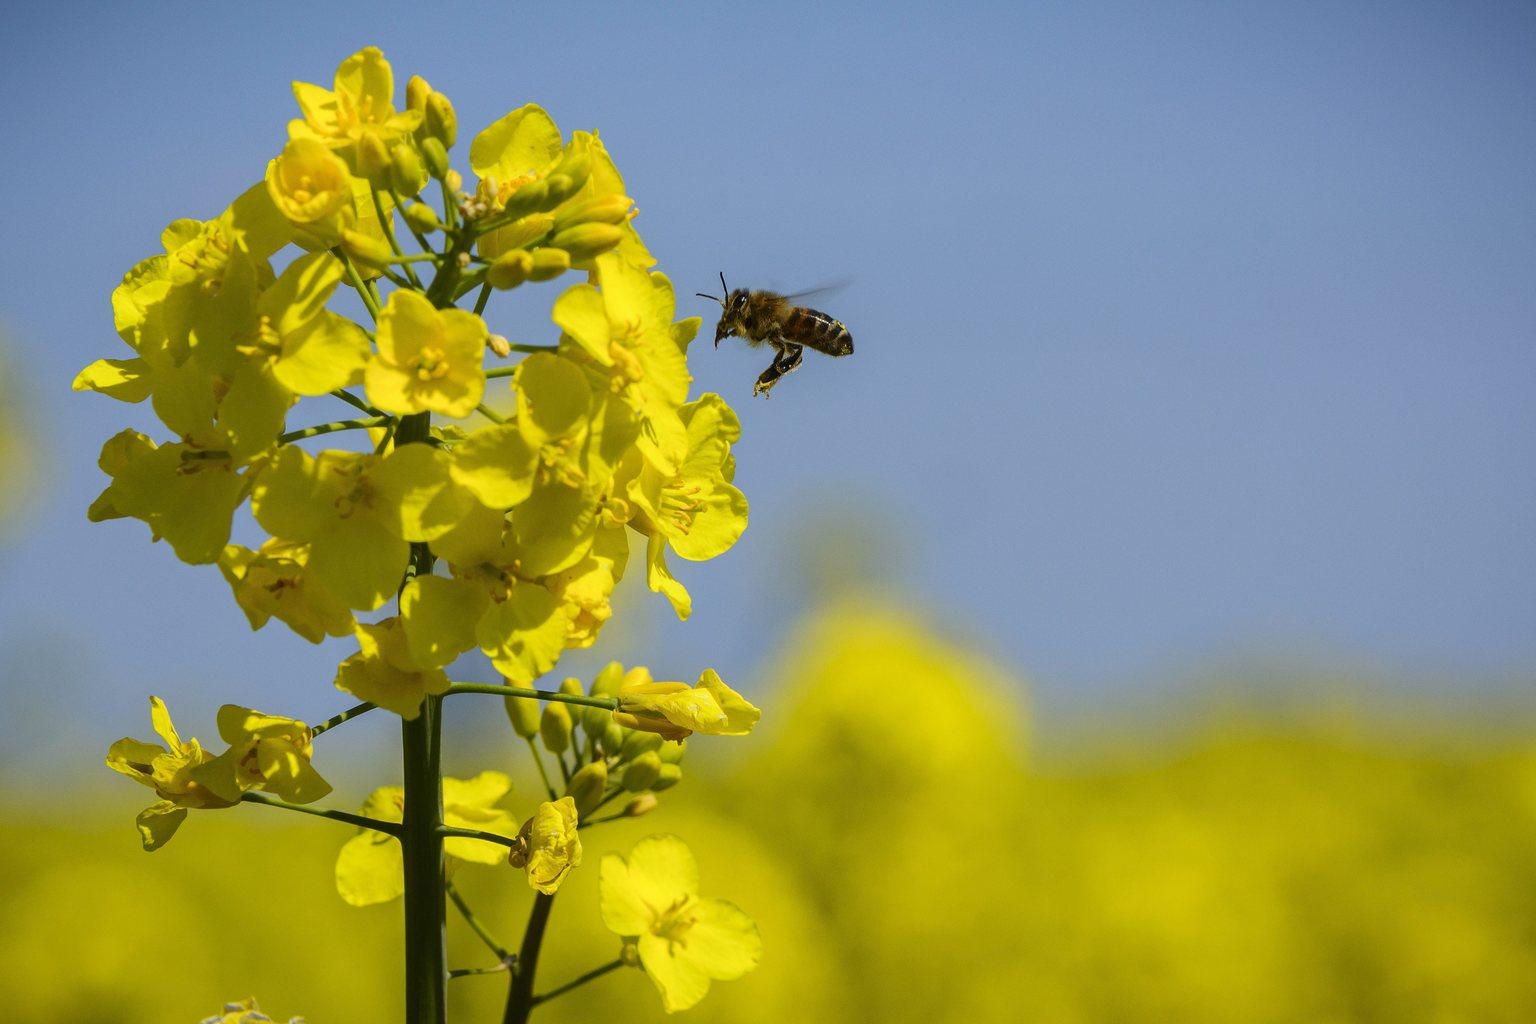 Egy méh száll a virágzó repcére Debrecen határában (Fotó: MTI/Czeglédi Zsolt)